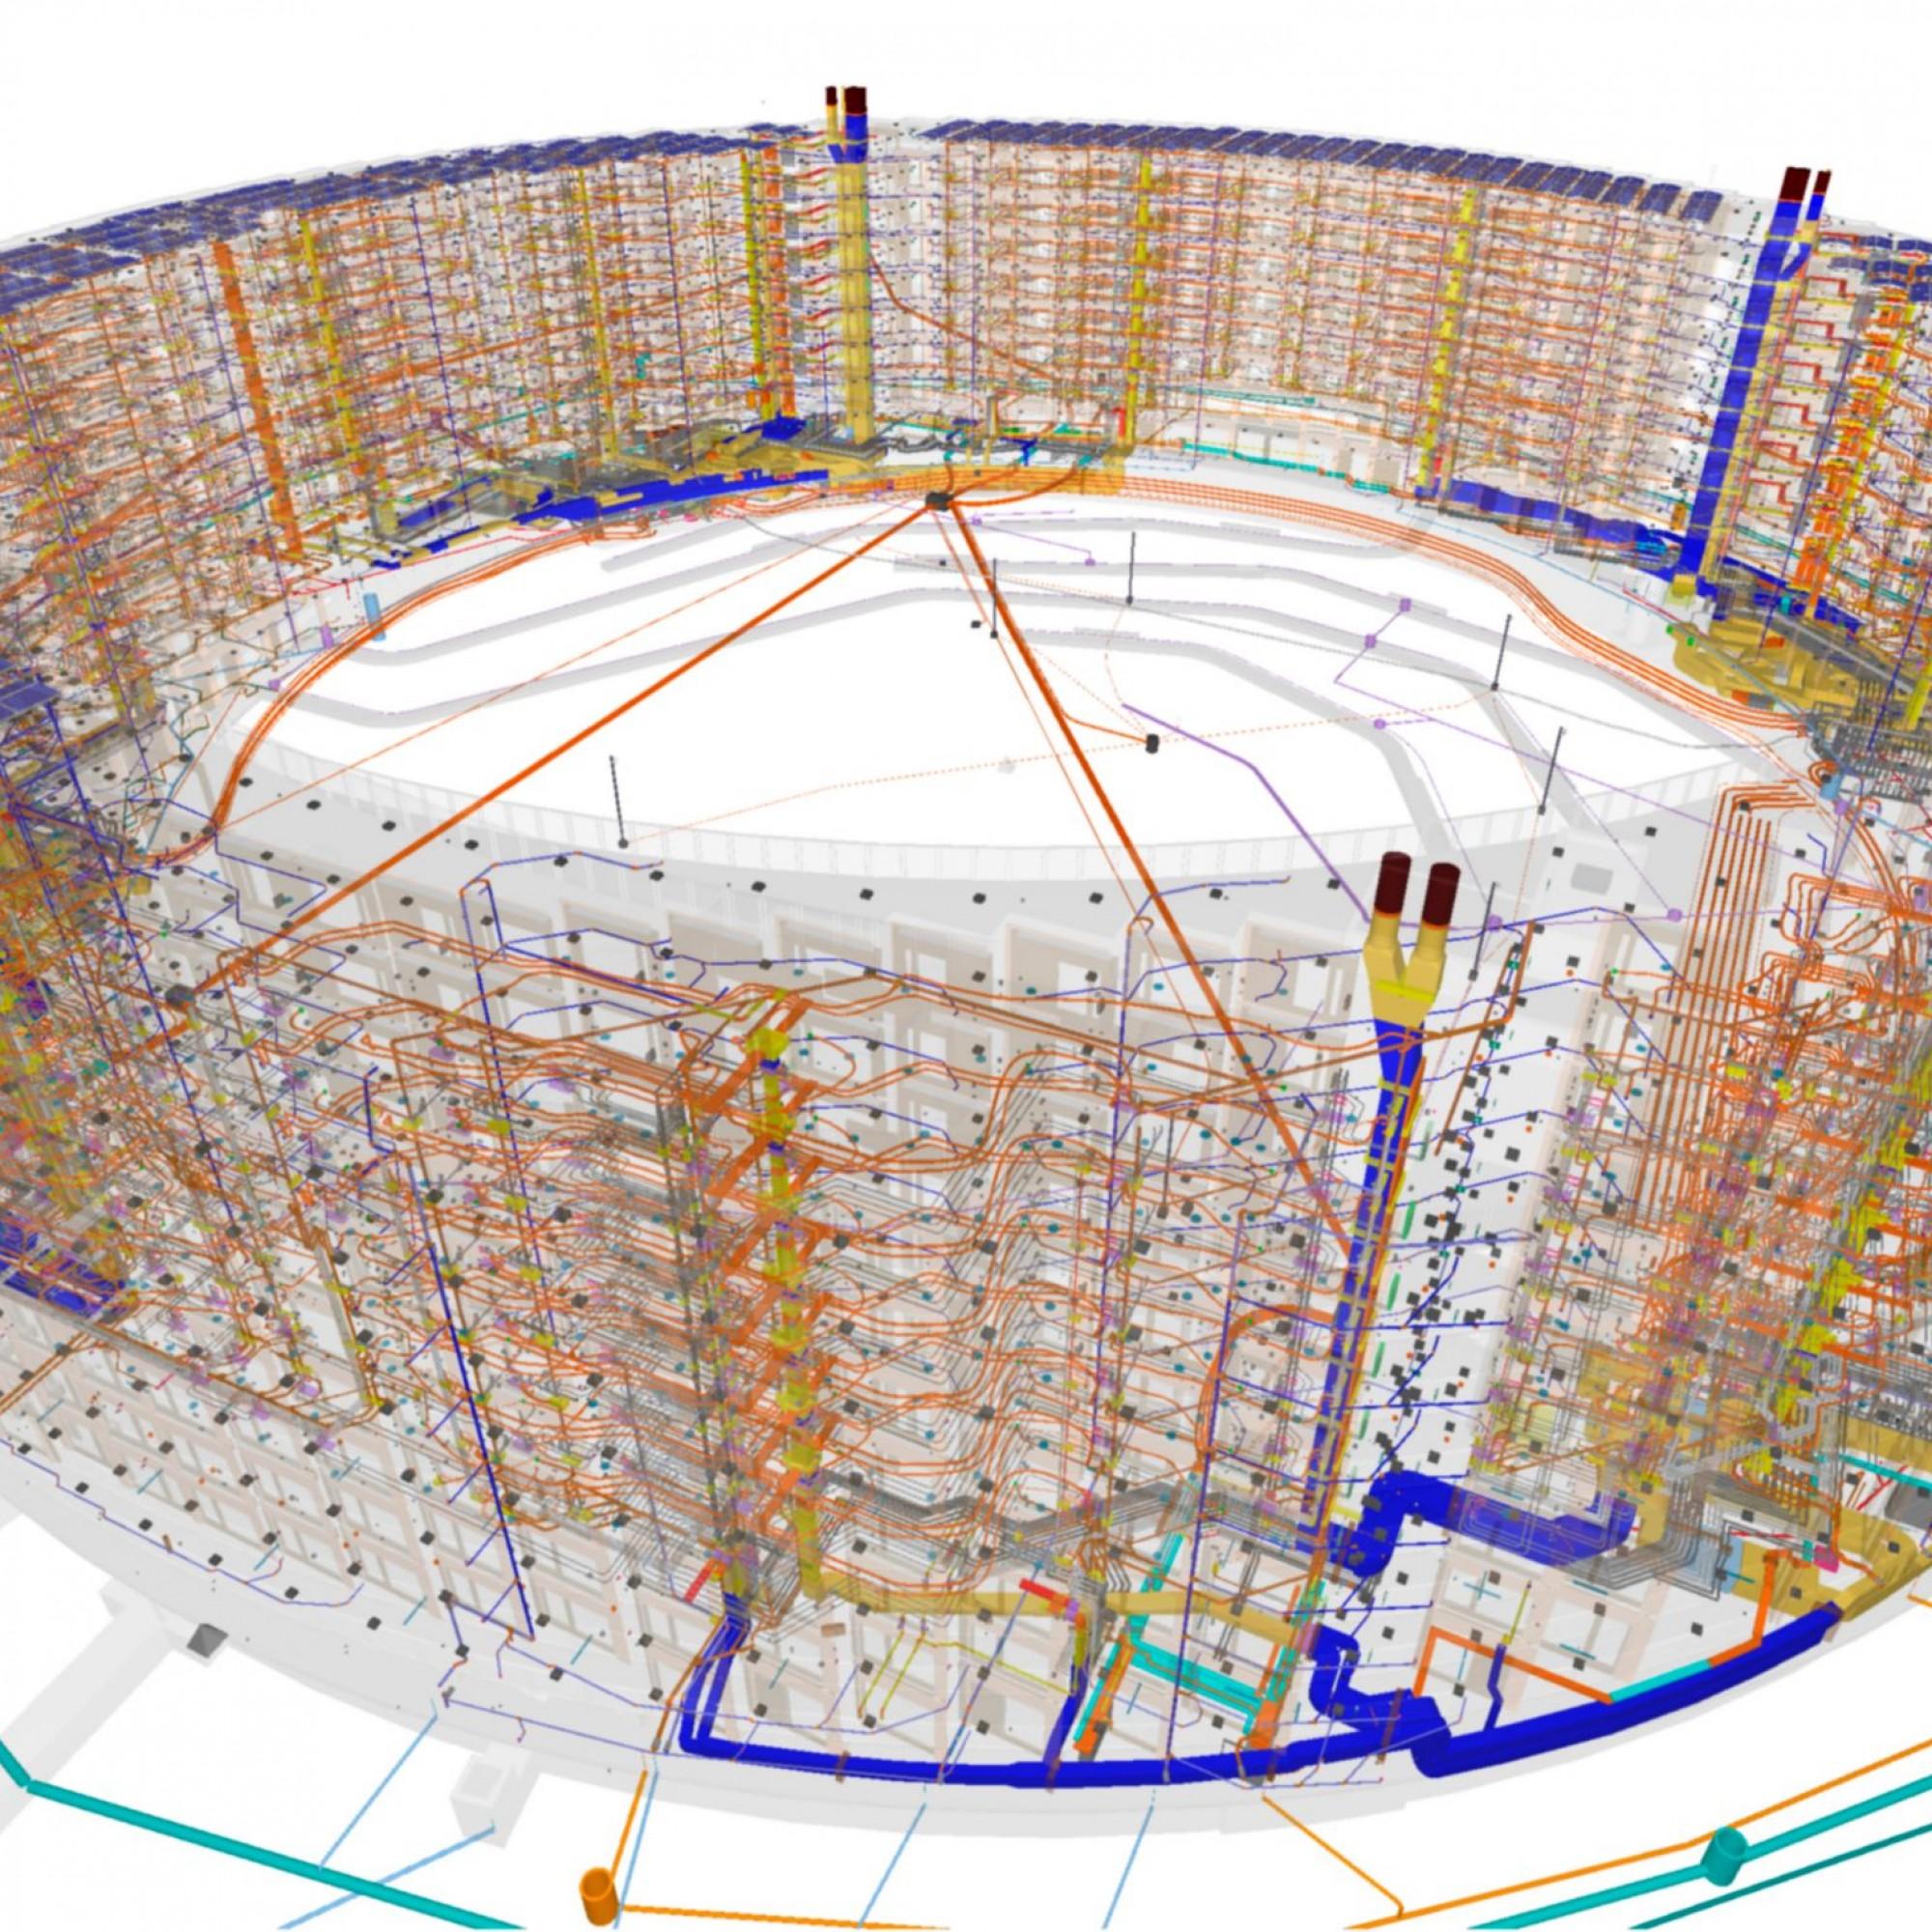 Der hochkomplexe bauliche Wirbel in der BIM-transparenten Version: Dank digitaler Planung kann der Totalunternehmer Losinger Marazzi die extrem kurze Bauzeit von genau 900 Tagen einhalten.